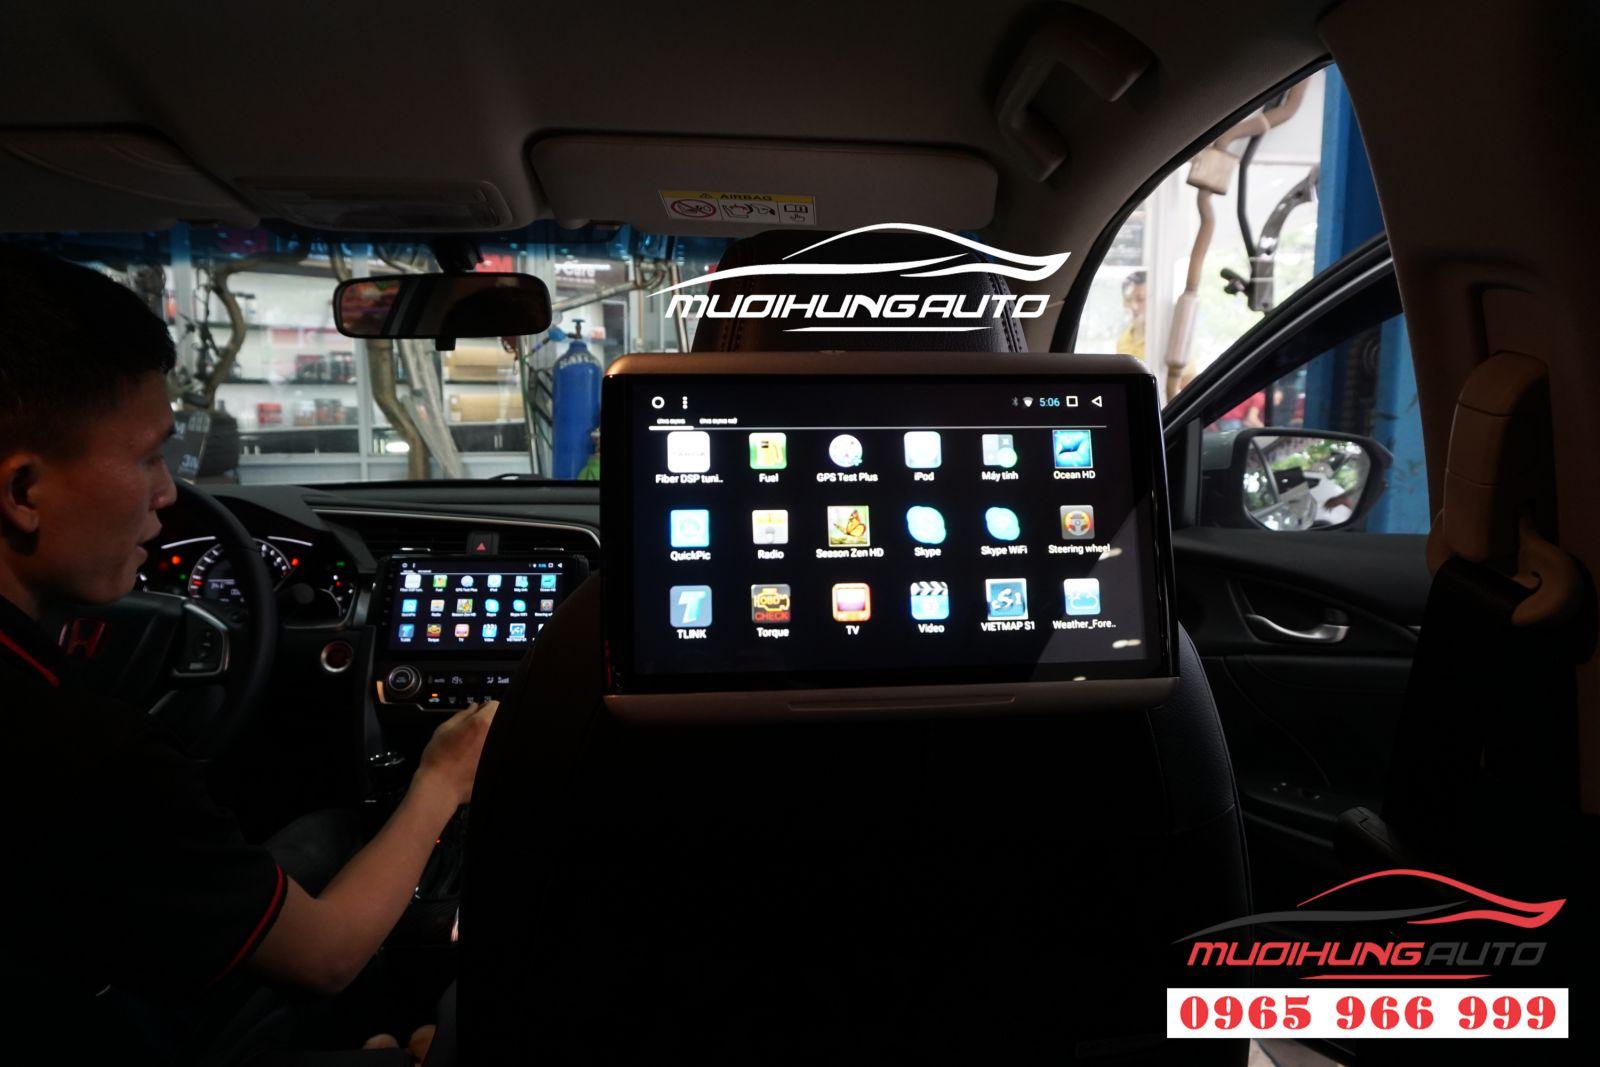 Màn hình Gối đầu Android Honda Civic 2019 giá rẻ